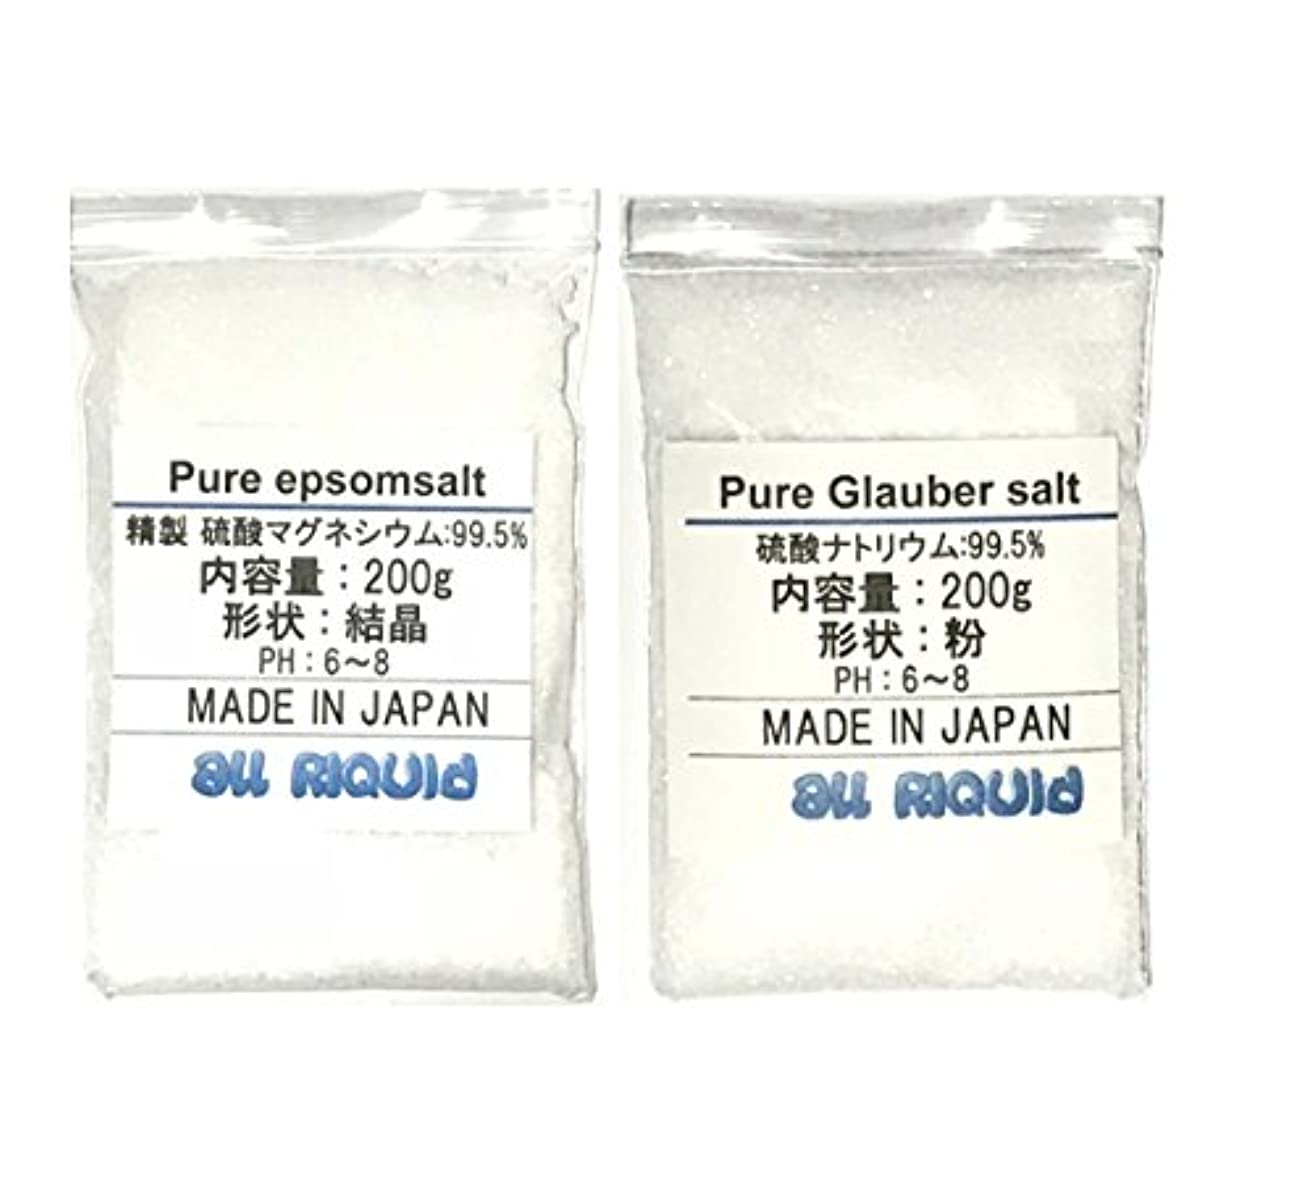 バズ資金クラス純 エプソムソルト グラウバーソルト 200g 1セット (硫酸マグネシウム?硫酸ナトリウム) 国産品 オールリキッド 芒硝